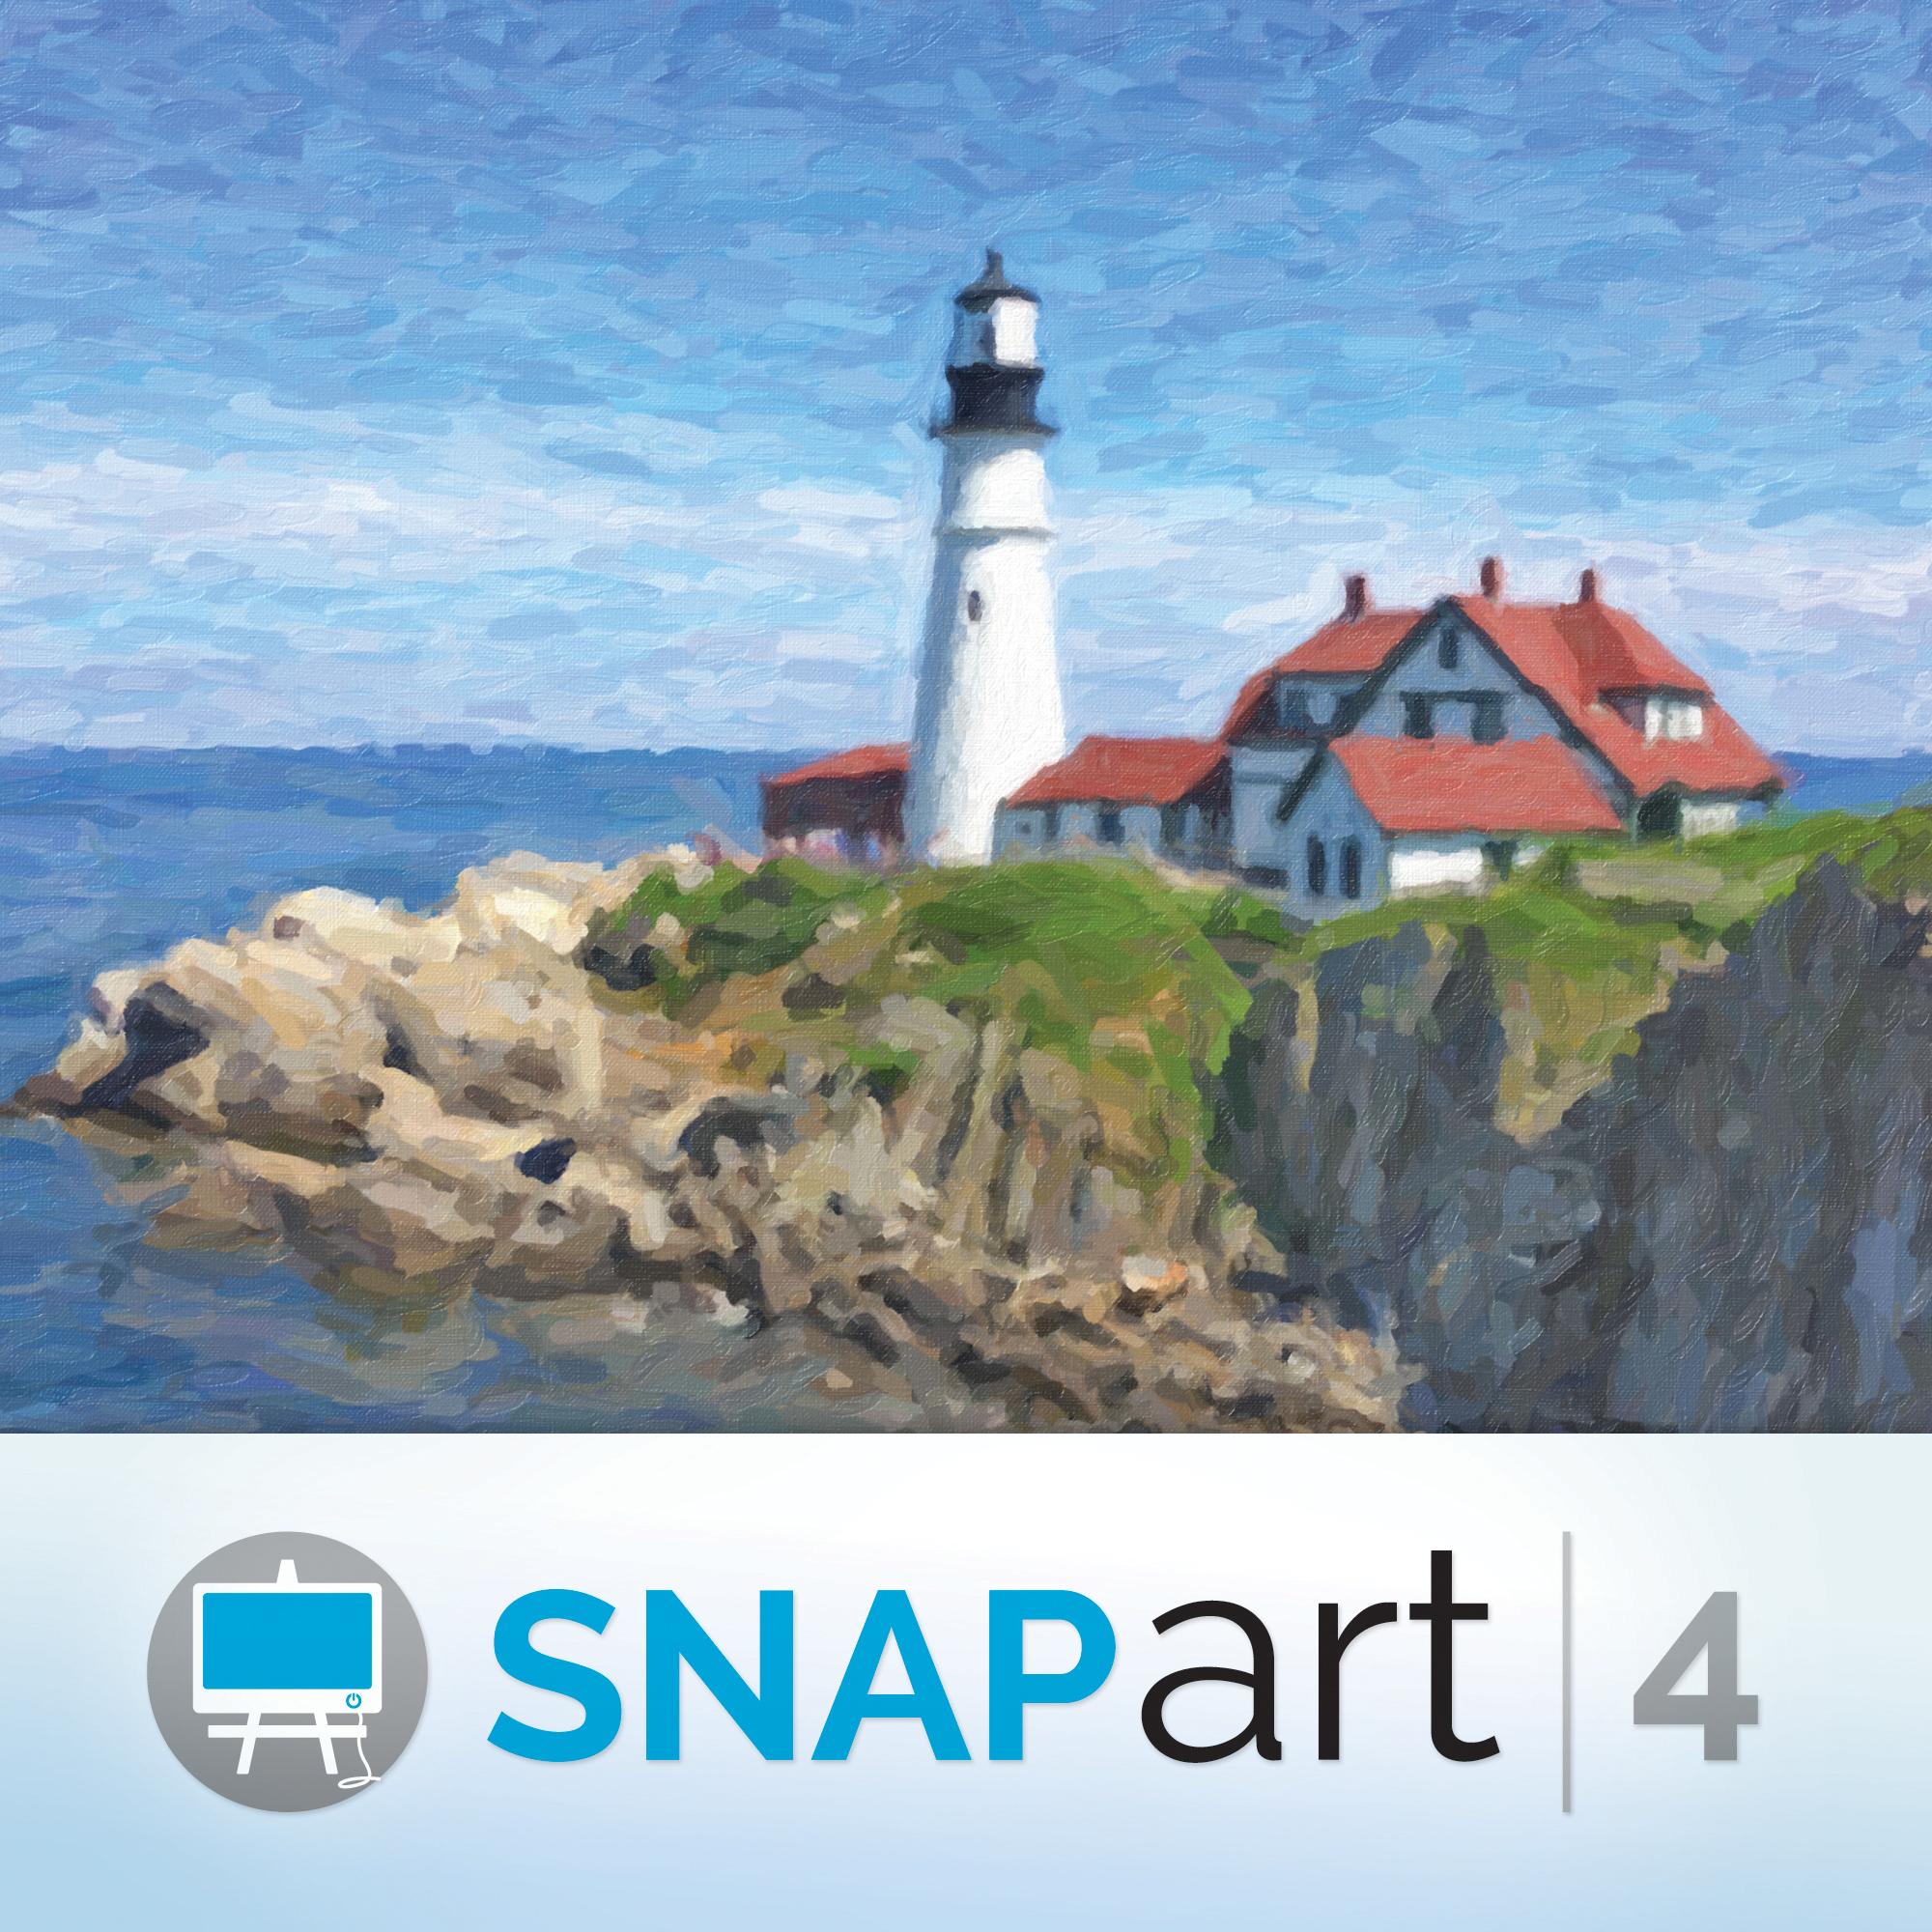 دانلود پلاگین Alien Skin Snap Art 4.1.3.257 برای فتوشاپ به همراه کرک